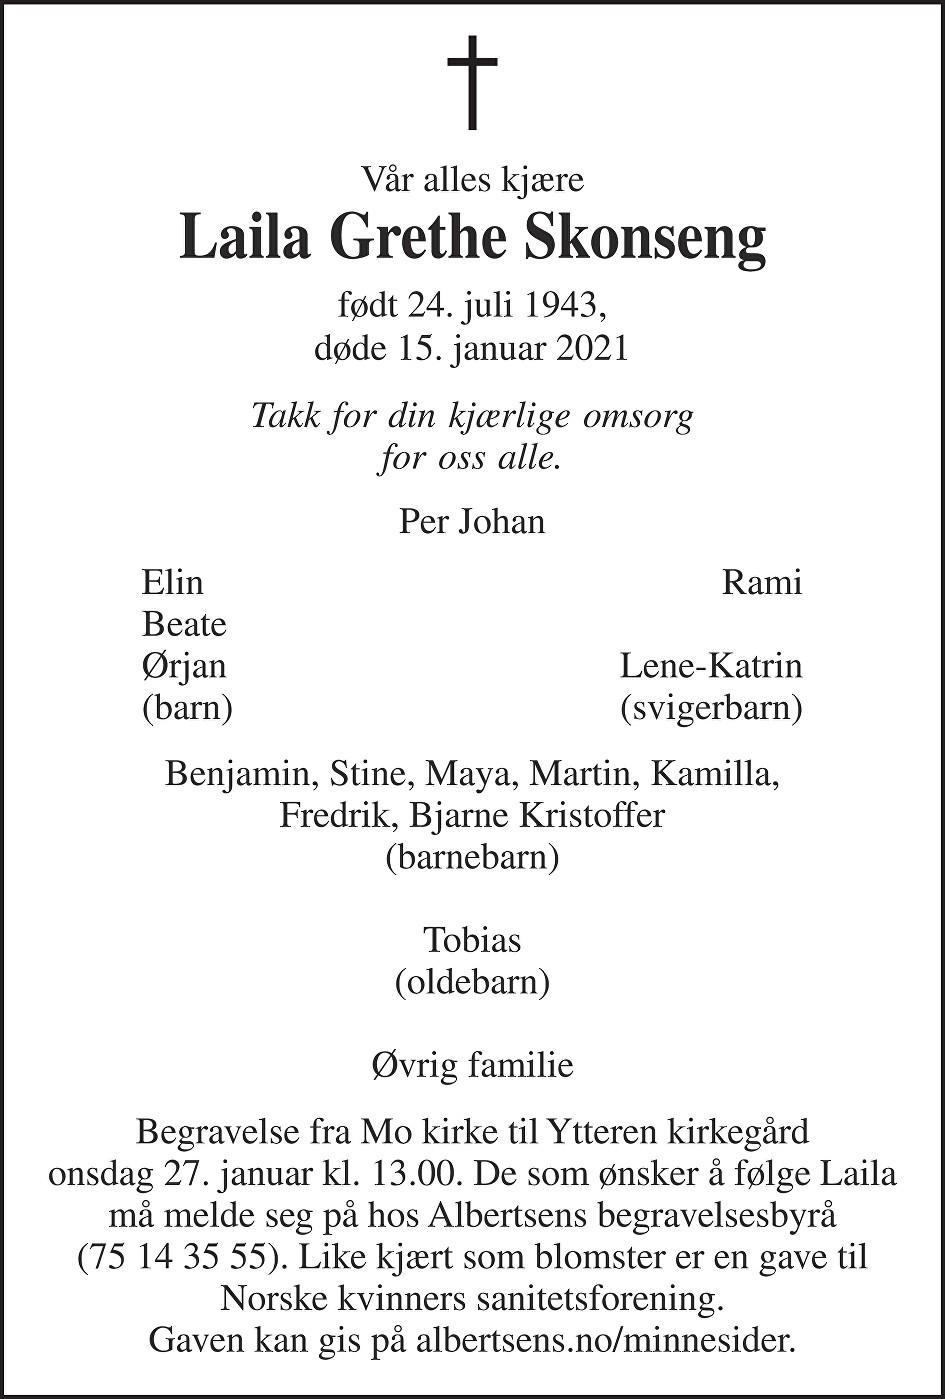 Laila Grethe Skonseng Dødsannonse